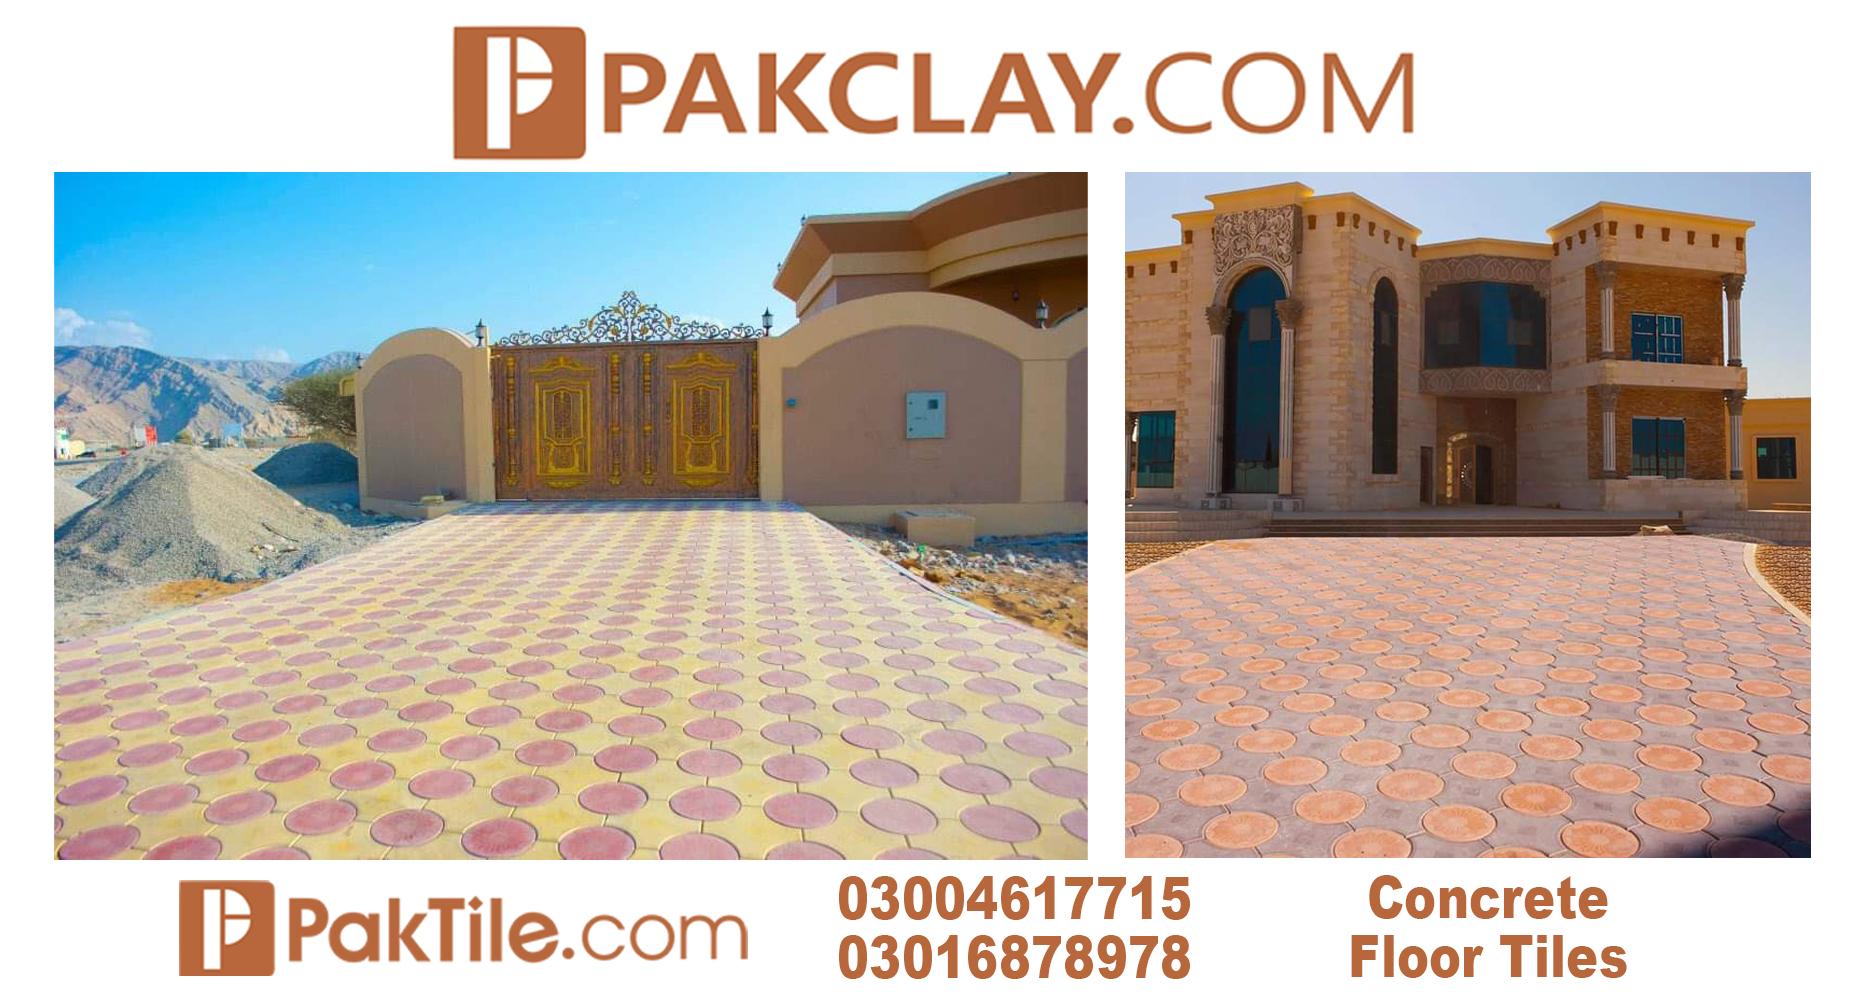 26 Outdoor Floor Tiles Design in Pakistan